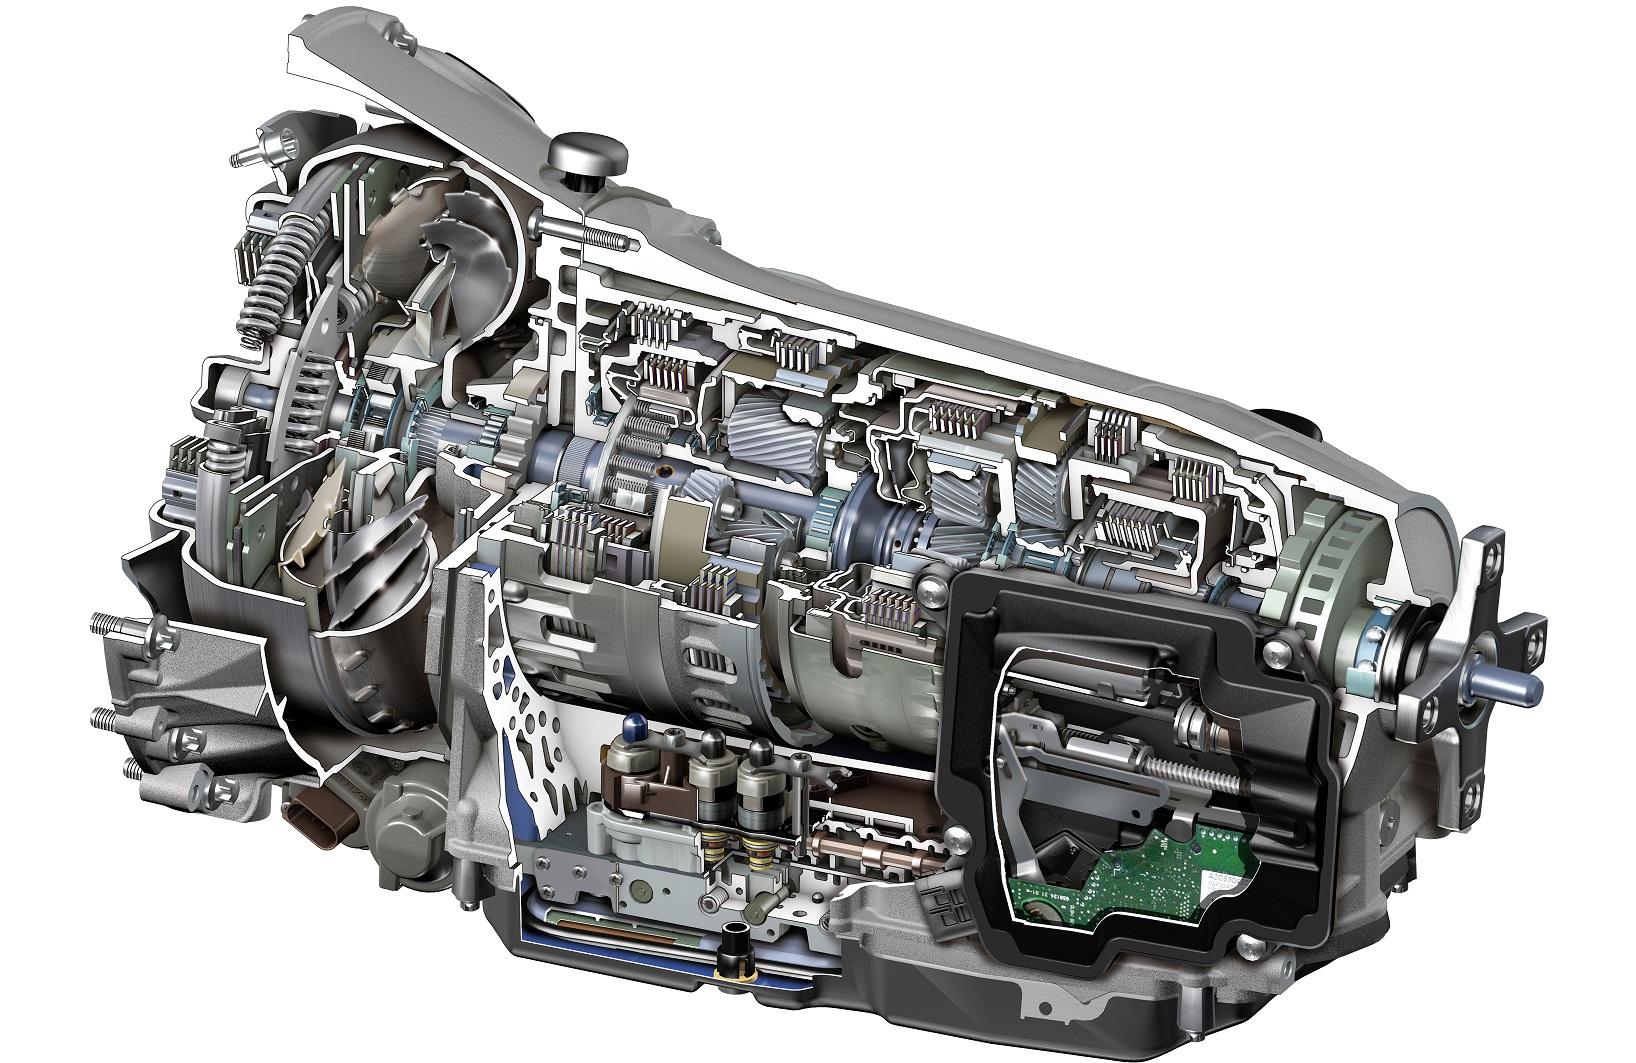 Warum ein Getriebeölwechsel gut ist? Bildquelle: media.daimler.com